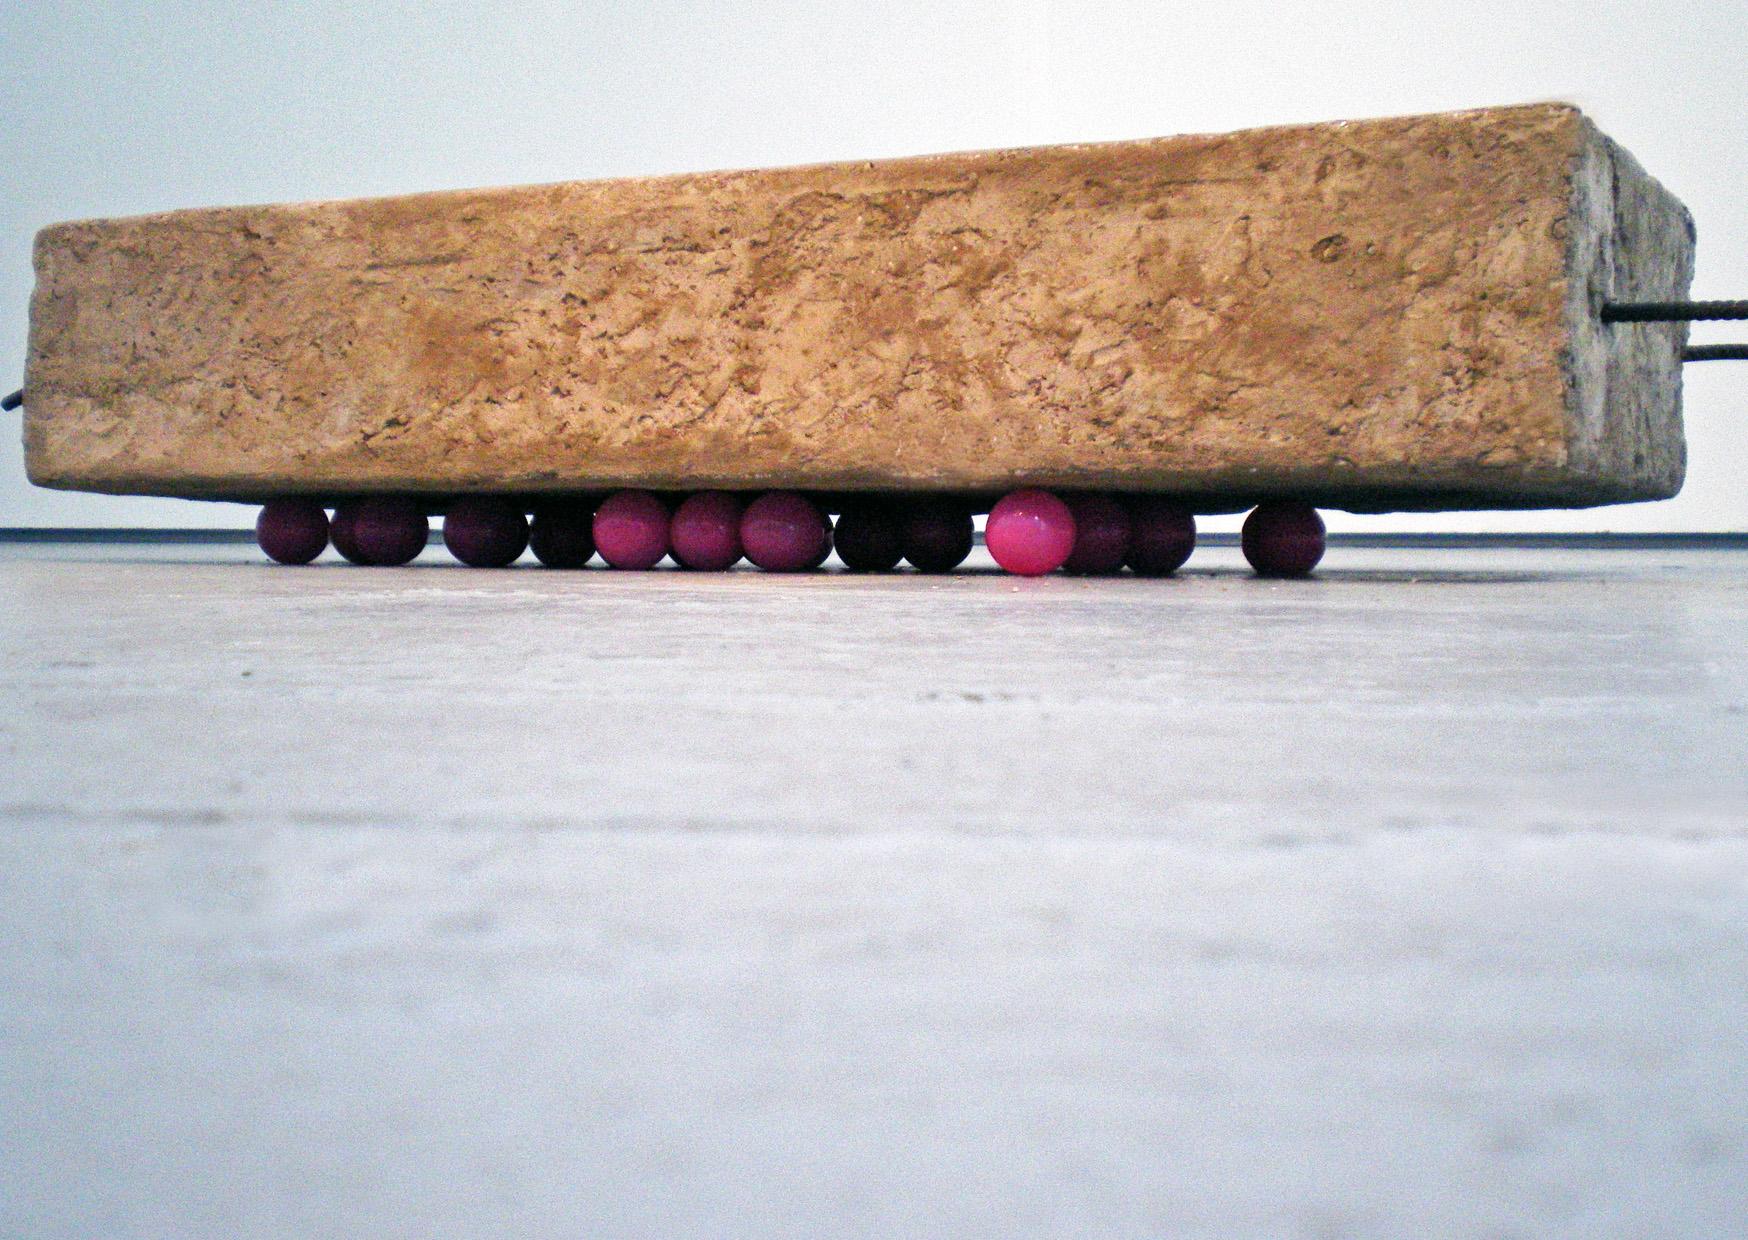 Brick and Balls